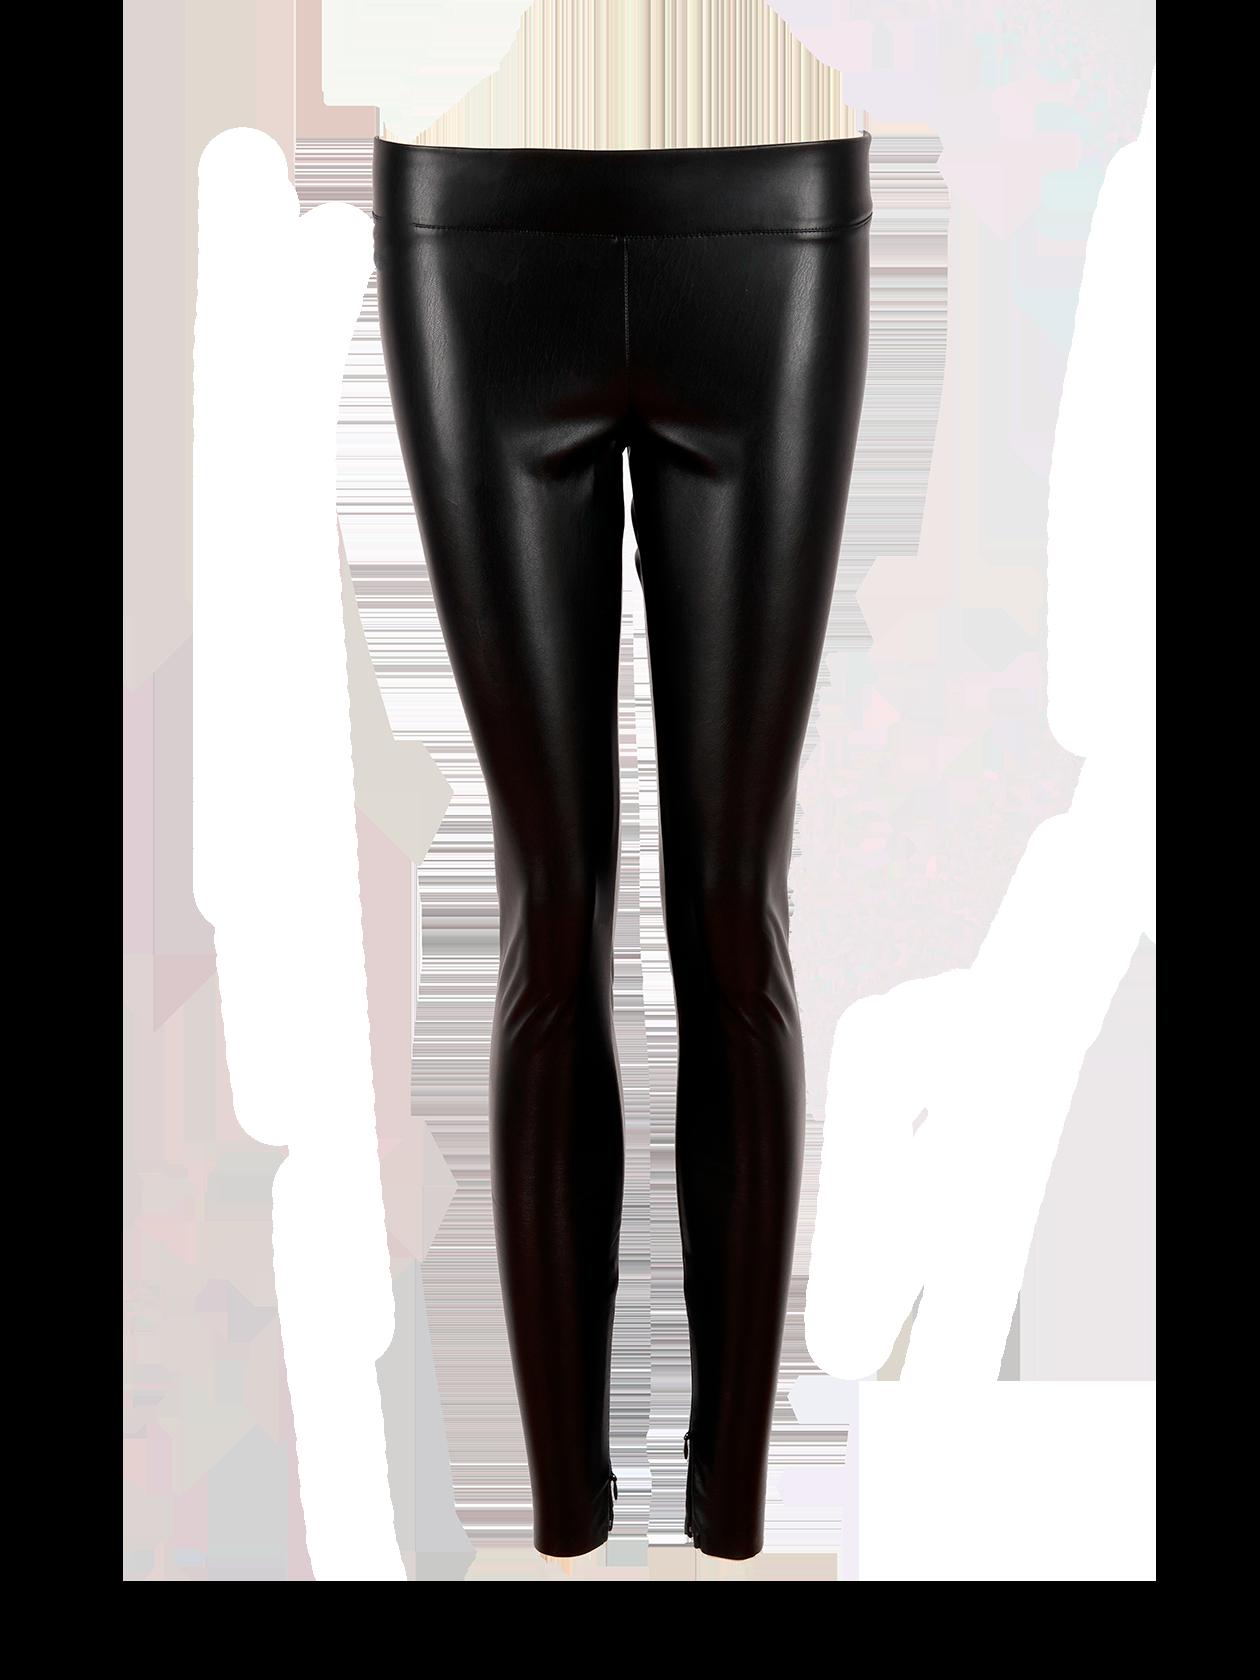 Леггинсы женские PUЛеггинсы женские PU из модной коллекции Black Star Wear – незаменимая вещь в гардеробе современной девушки. Модель выполнена из качественной эко-кожи. Лаконичный дизайн, прямой облегающий силуэт. Внизу по бокам декоративные молнии. Пришивной пояс из основного материала хорошо фиксирует изделие на фигуре. Комбинируется с различной по стилю одеждой и обувью.<br><br>Размер: XS<br>Цвет: Черный<br>Пол: Женский